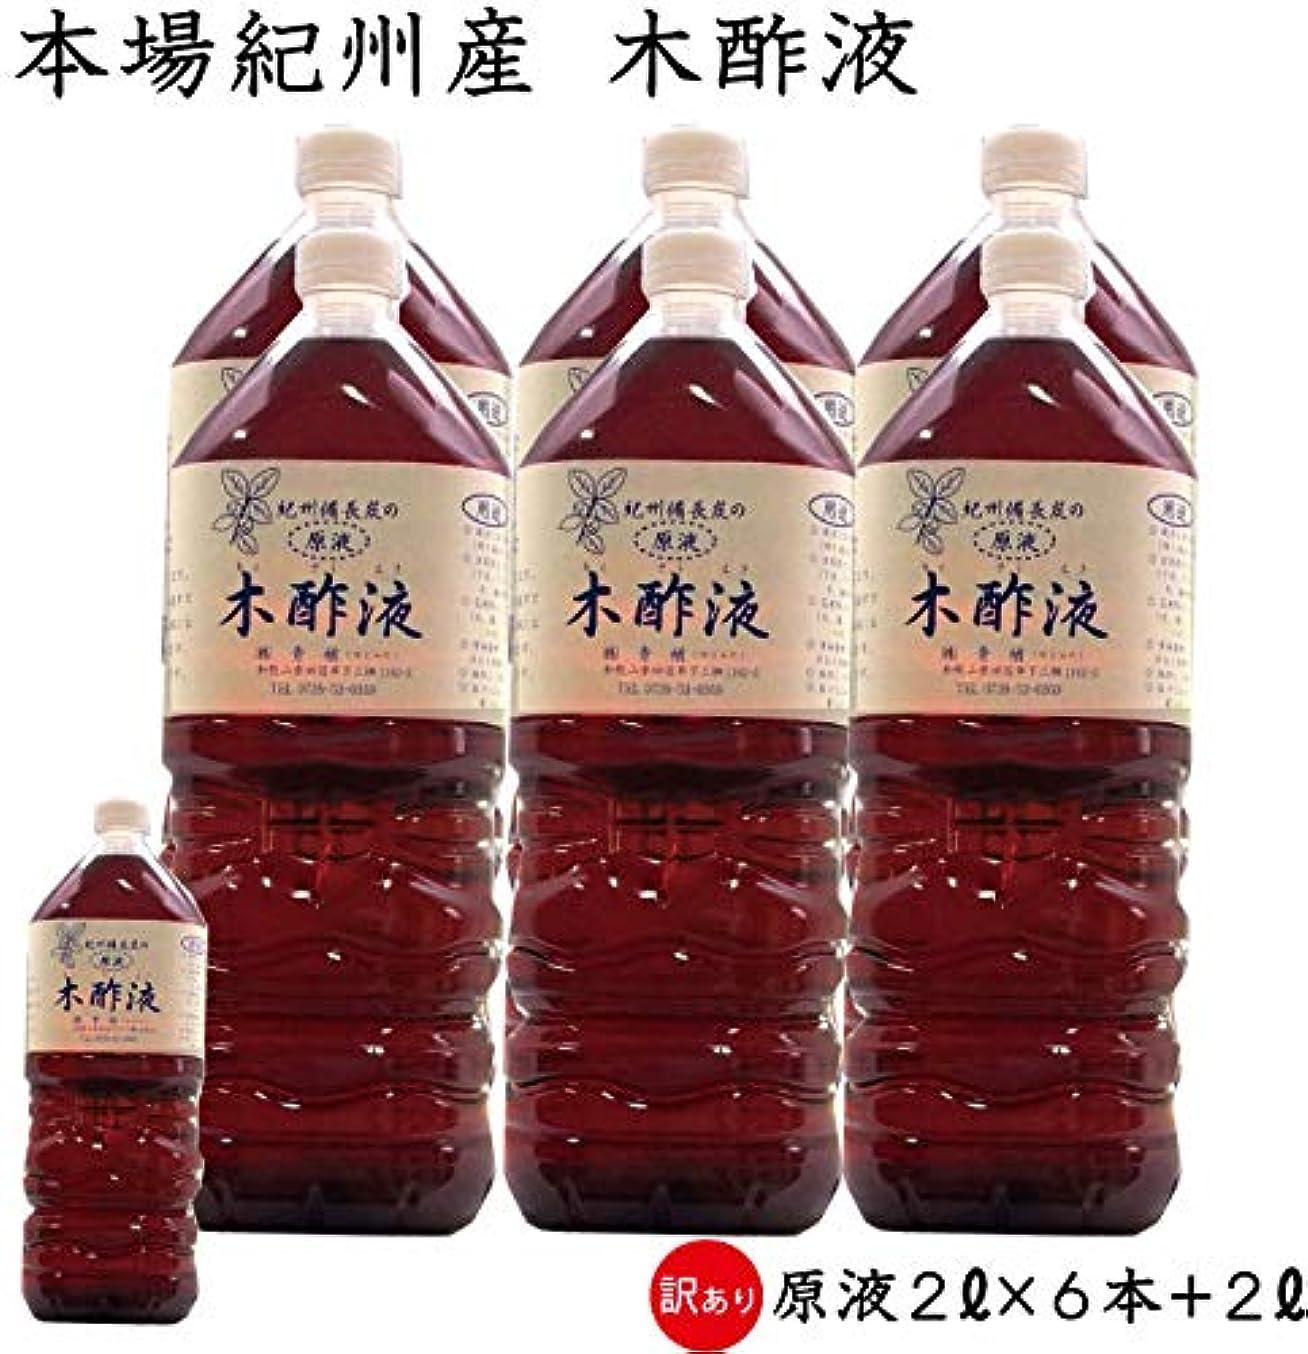 ずんぐりした適切な蘇生する木酢液2L×6本+2L お買い得 リユース品 紀州備長炭 原液 紀州産 入浴 お風呂用